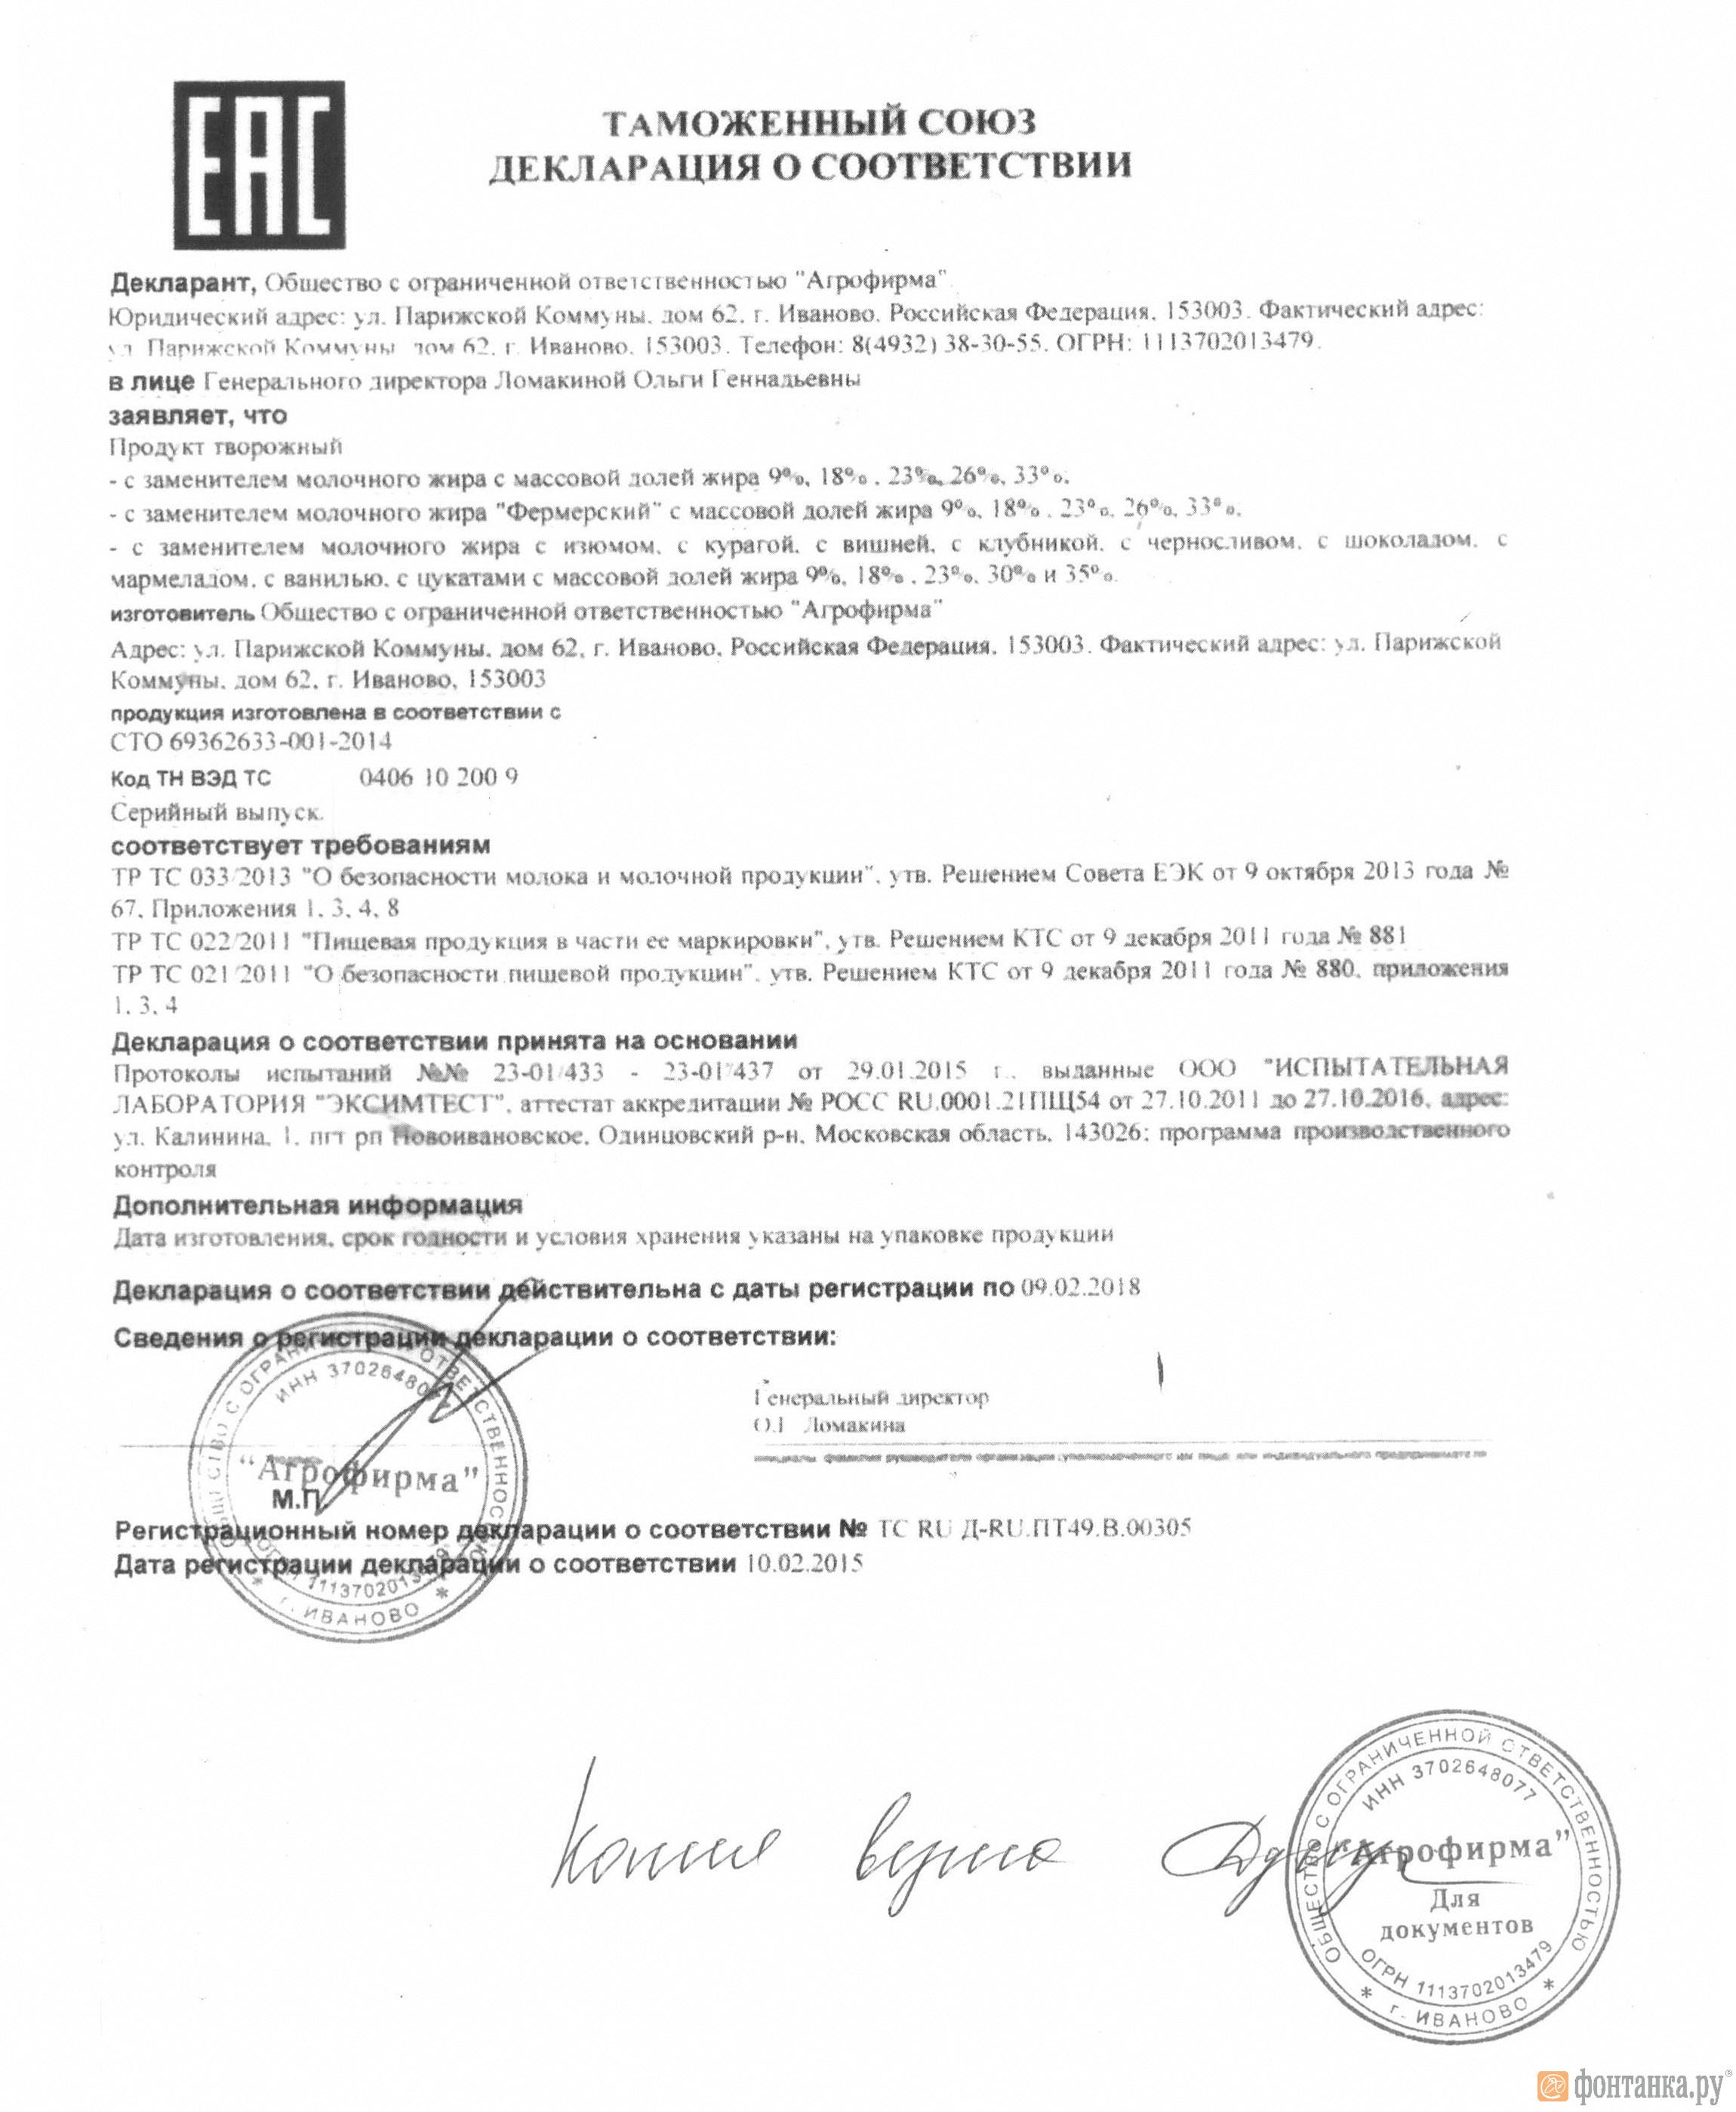 """Сертификат, предоставленный посредником торговой точки у станции метро """"Международная"""""""